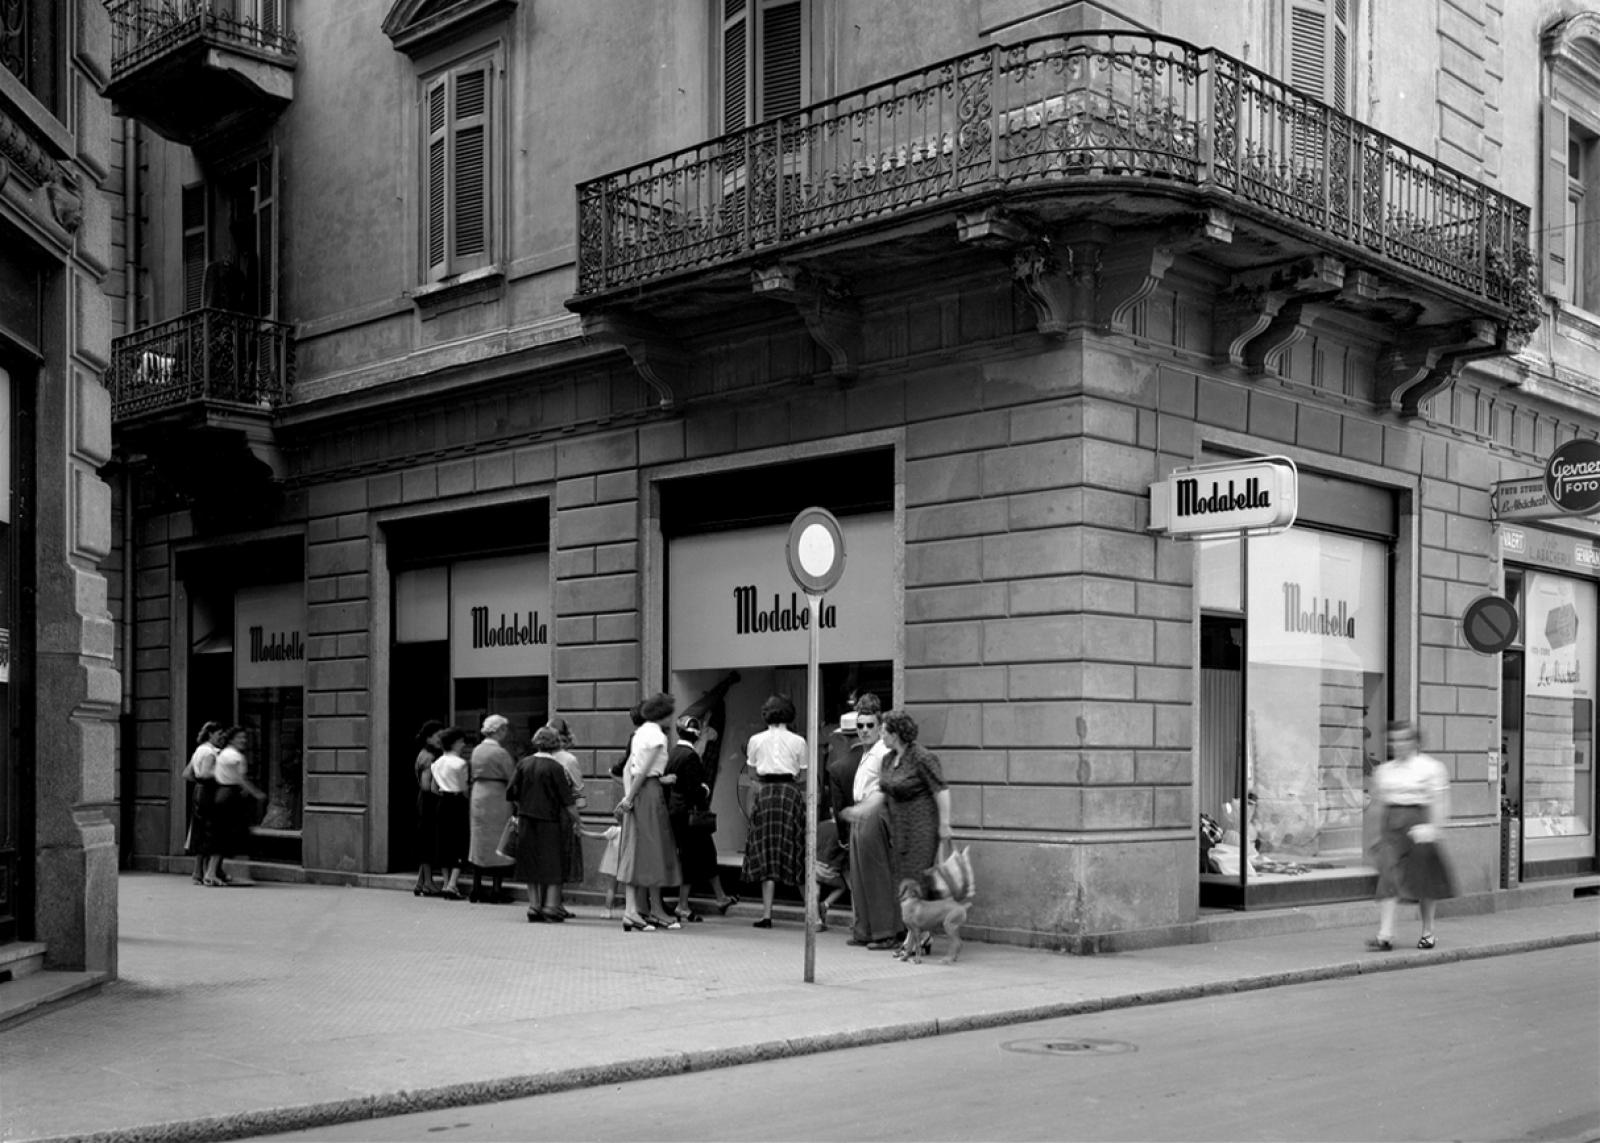 Ricordi Vetrine del negozio Modabella in via Canova a Lugano, giugno 1954